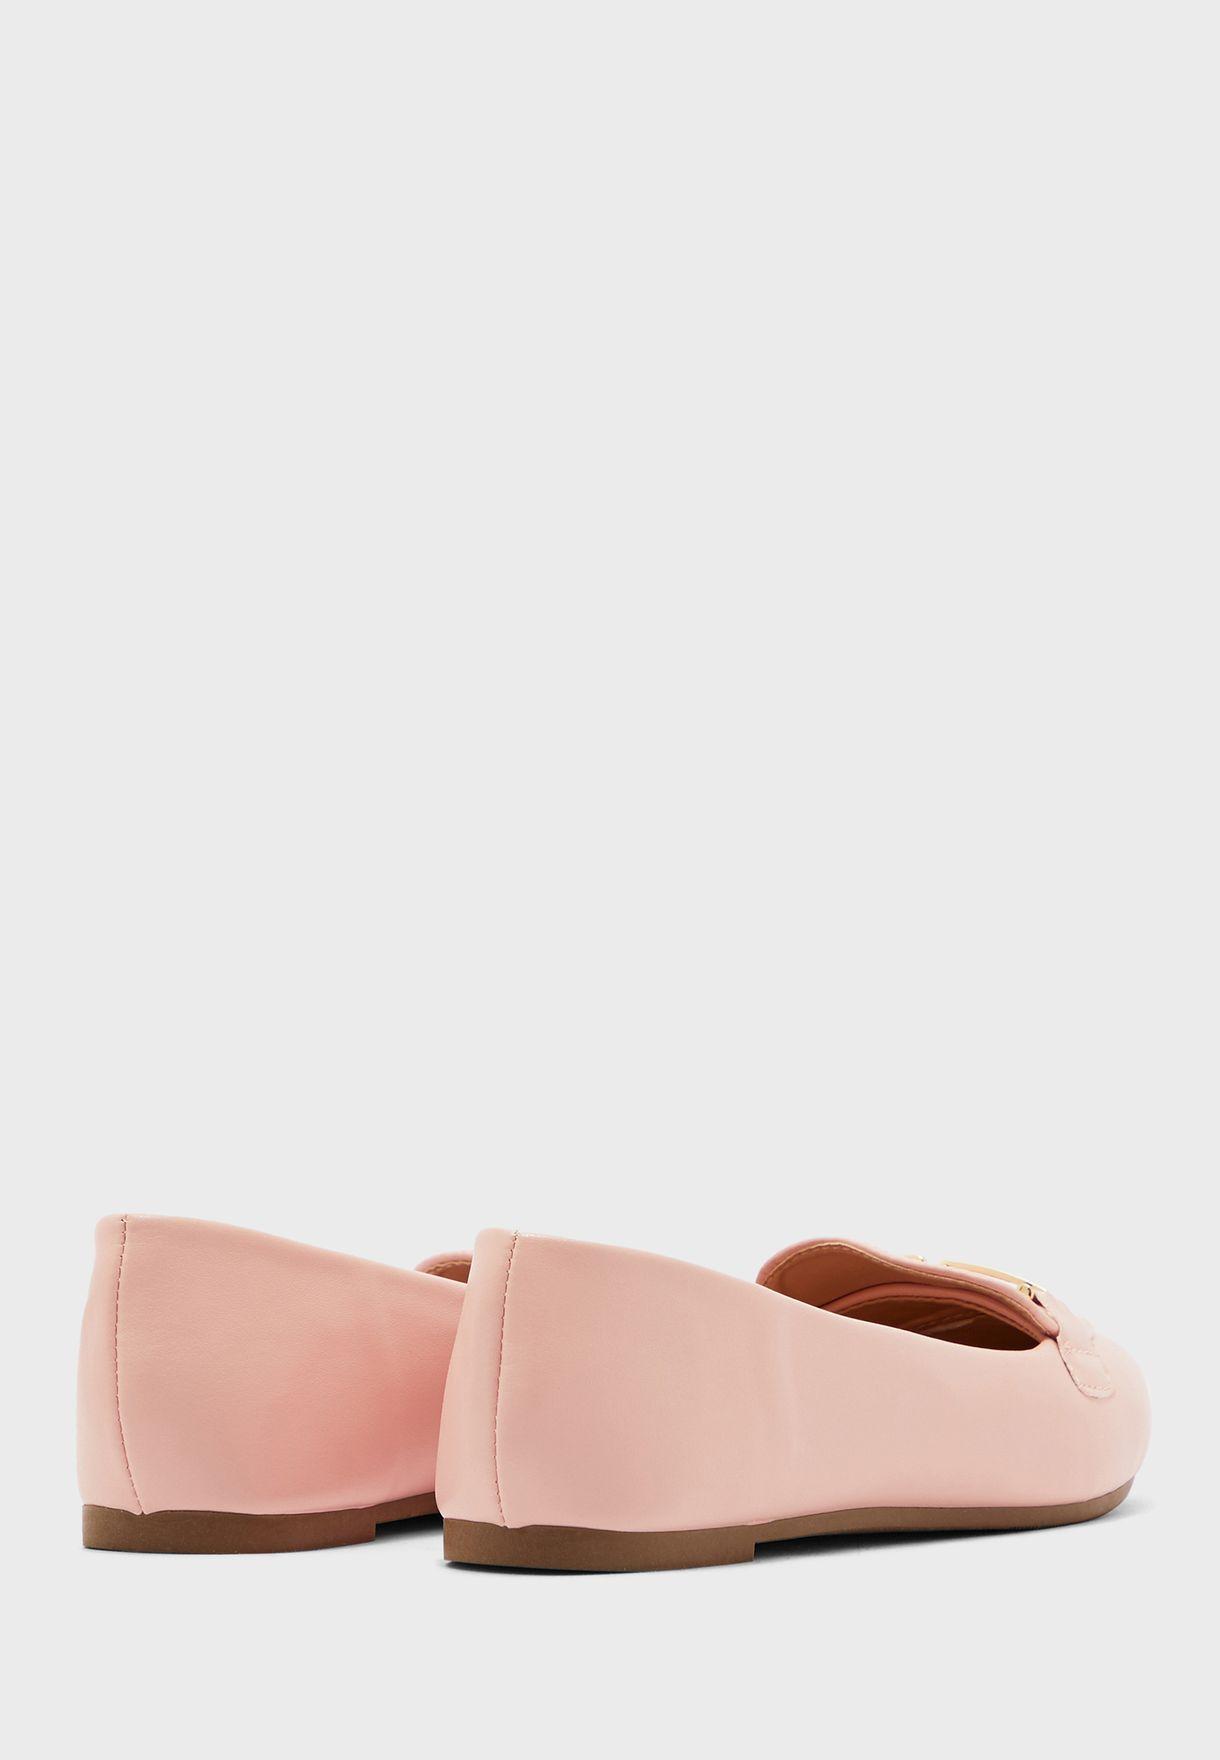 حذاء لوفر بمقدمة مدببة